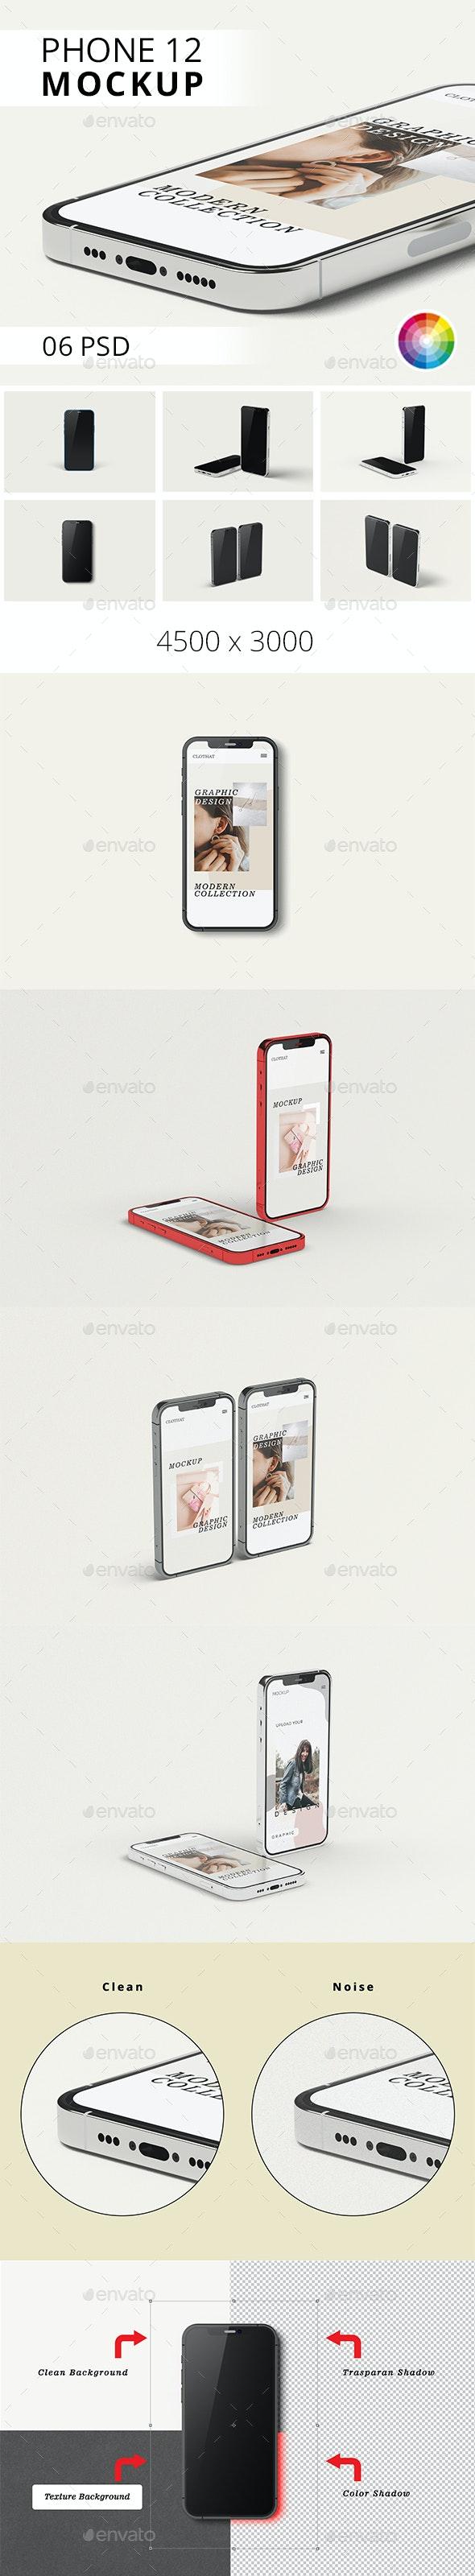 Phone 12 Mockup - Mobile Displays